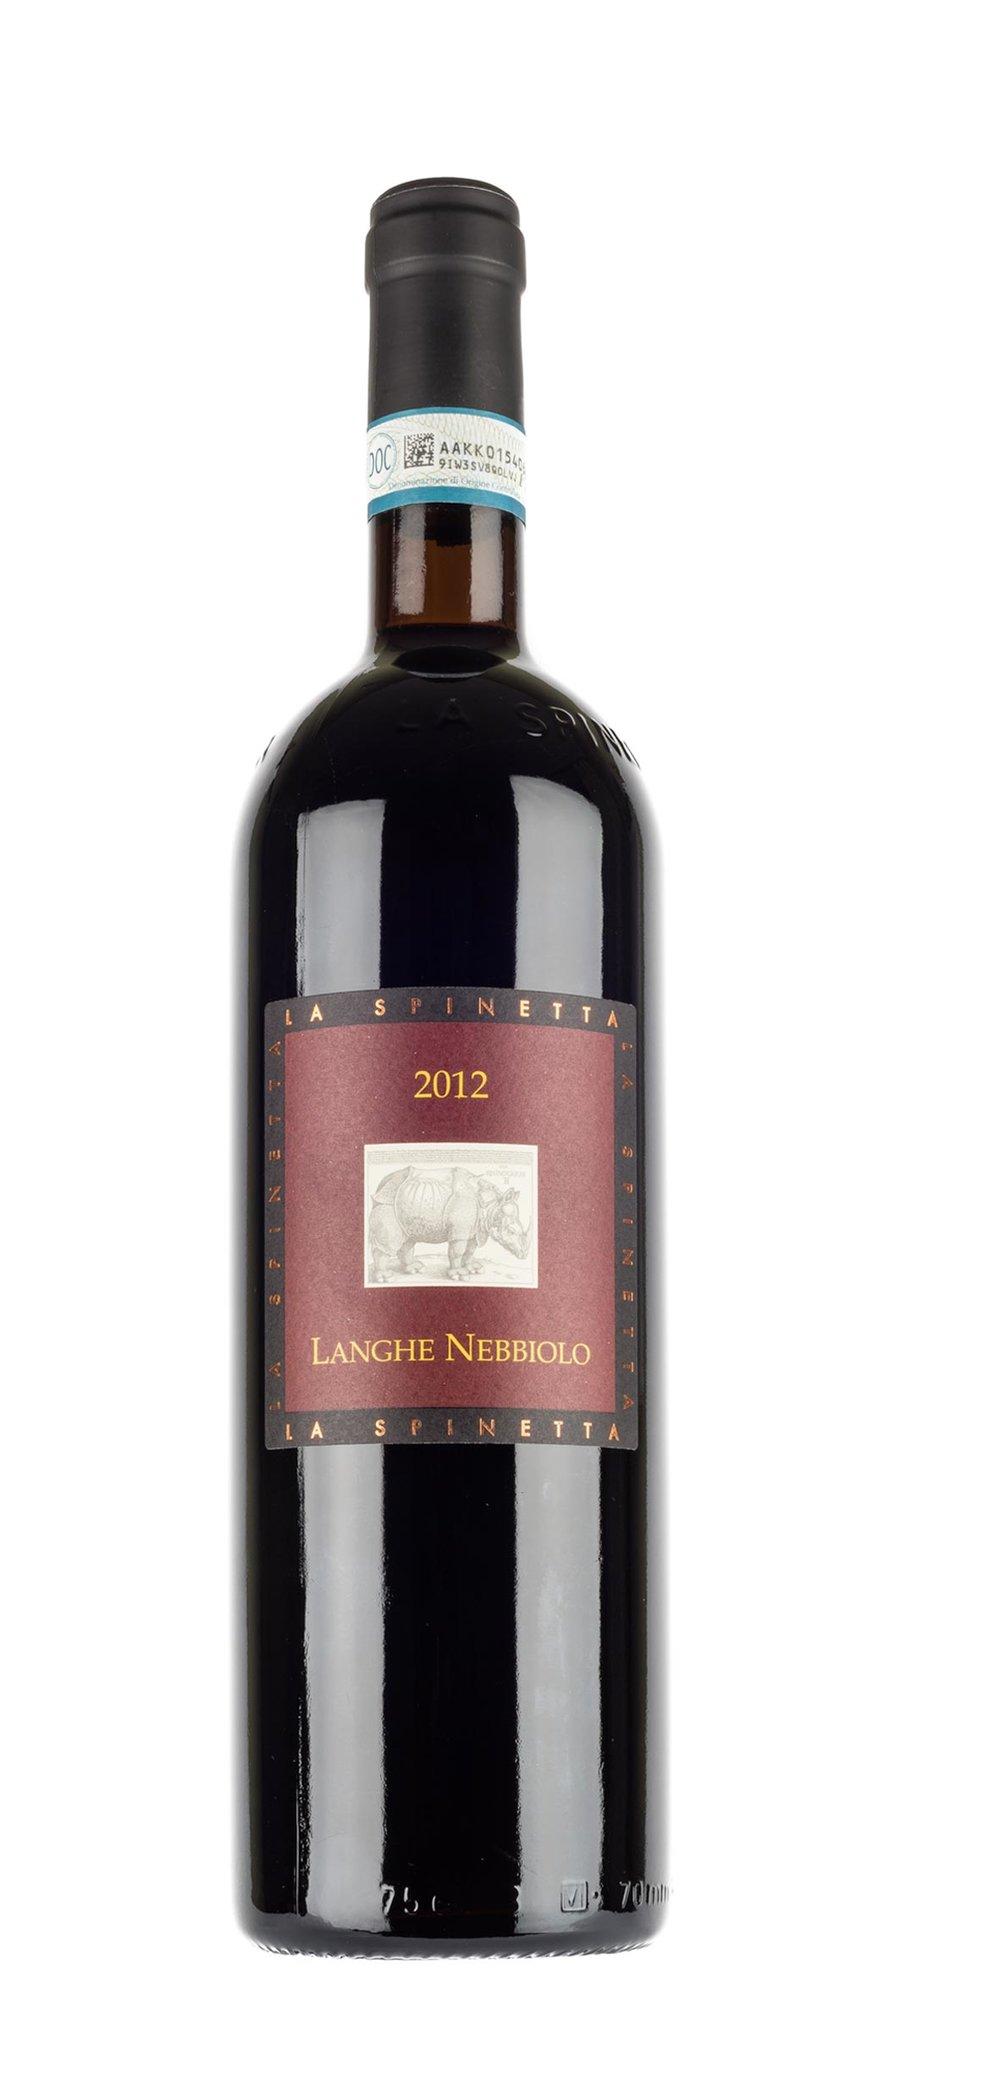 Wine-Spinetta-Piedmont-single-langhenebbiolo.jpg